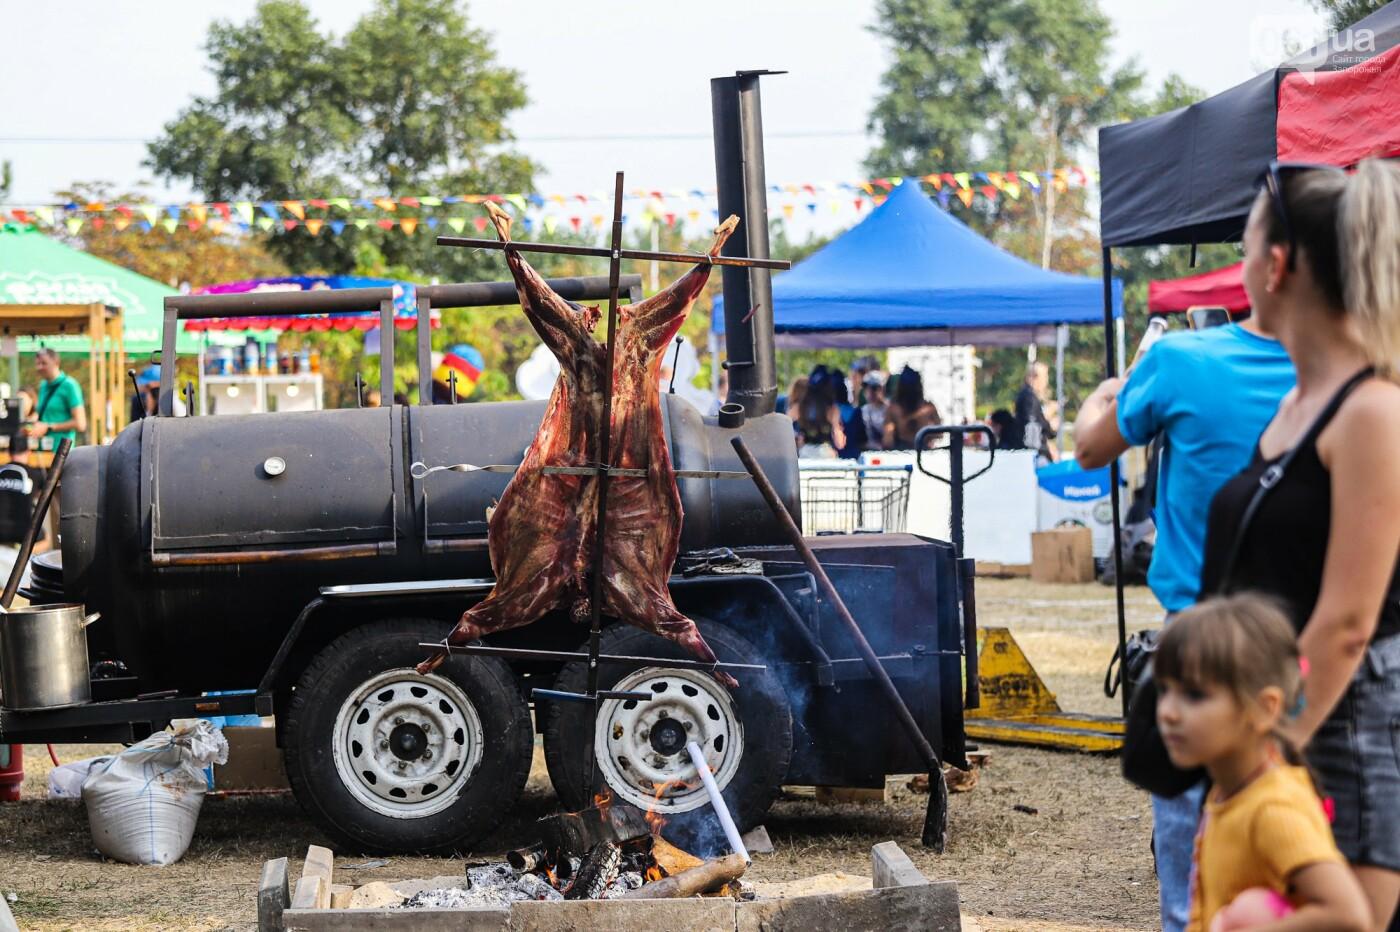 Бограч в хлебных горшочках и мясо из уникальной печи: что нового на фестивале уличной еды в Запорожье, - ФОТОРЕПОРТАЖ, фото-23